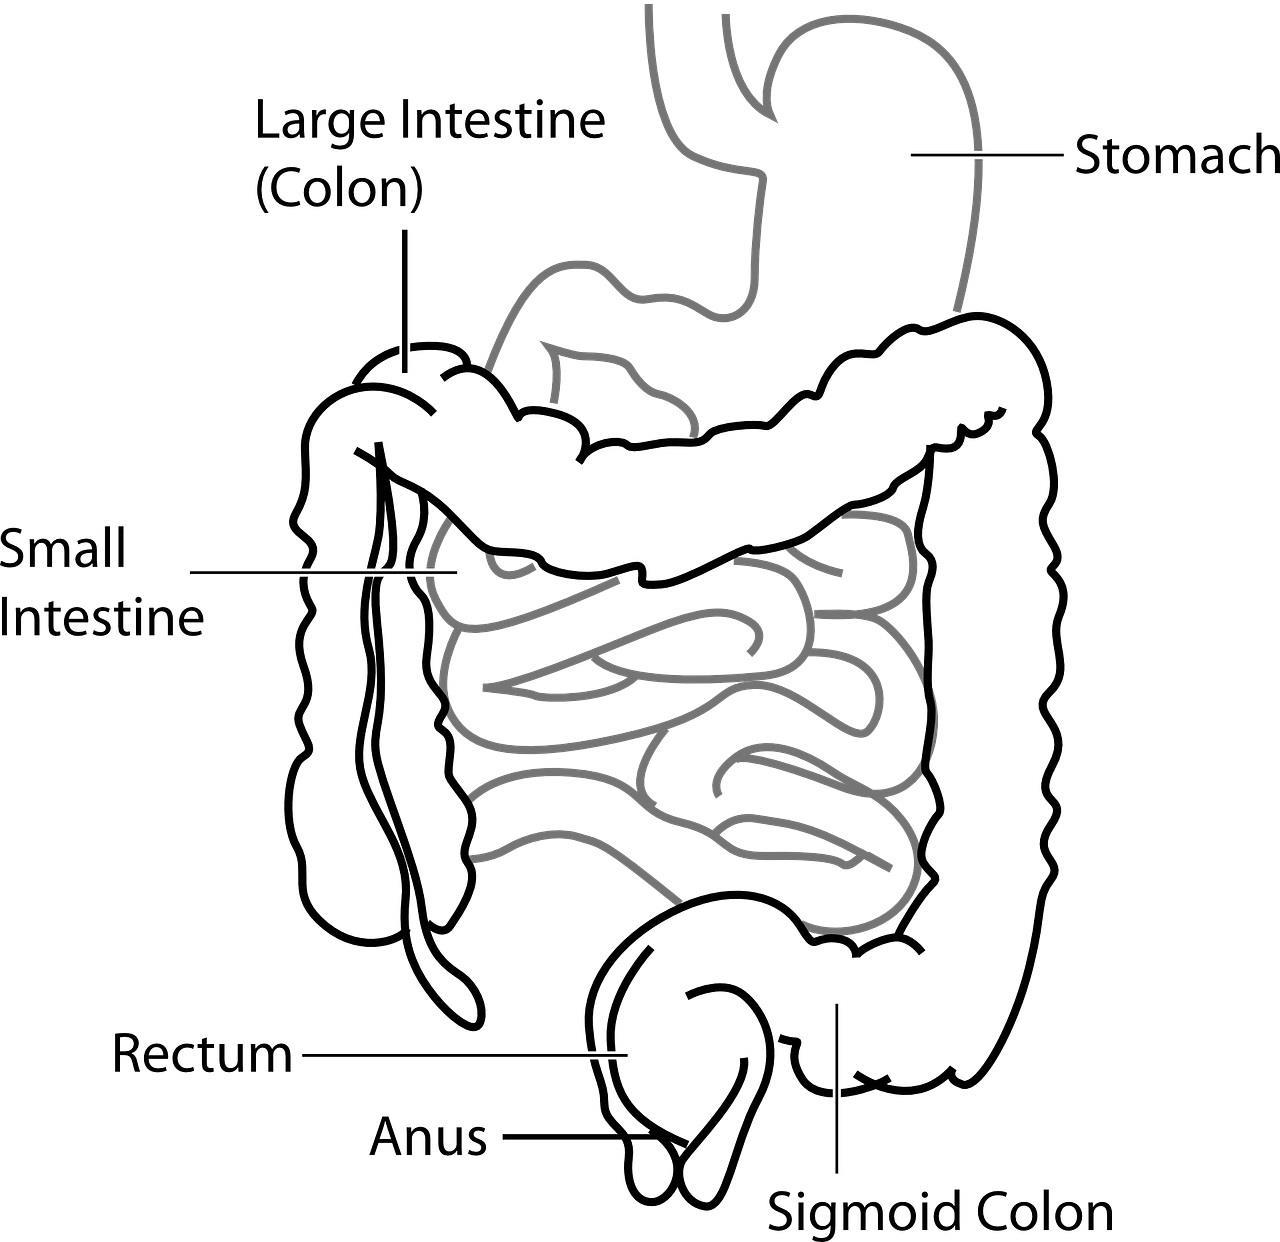 がんのお腹の張りやがん性腹膜炎の症状緩和を解説